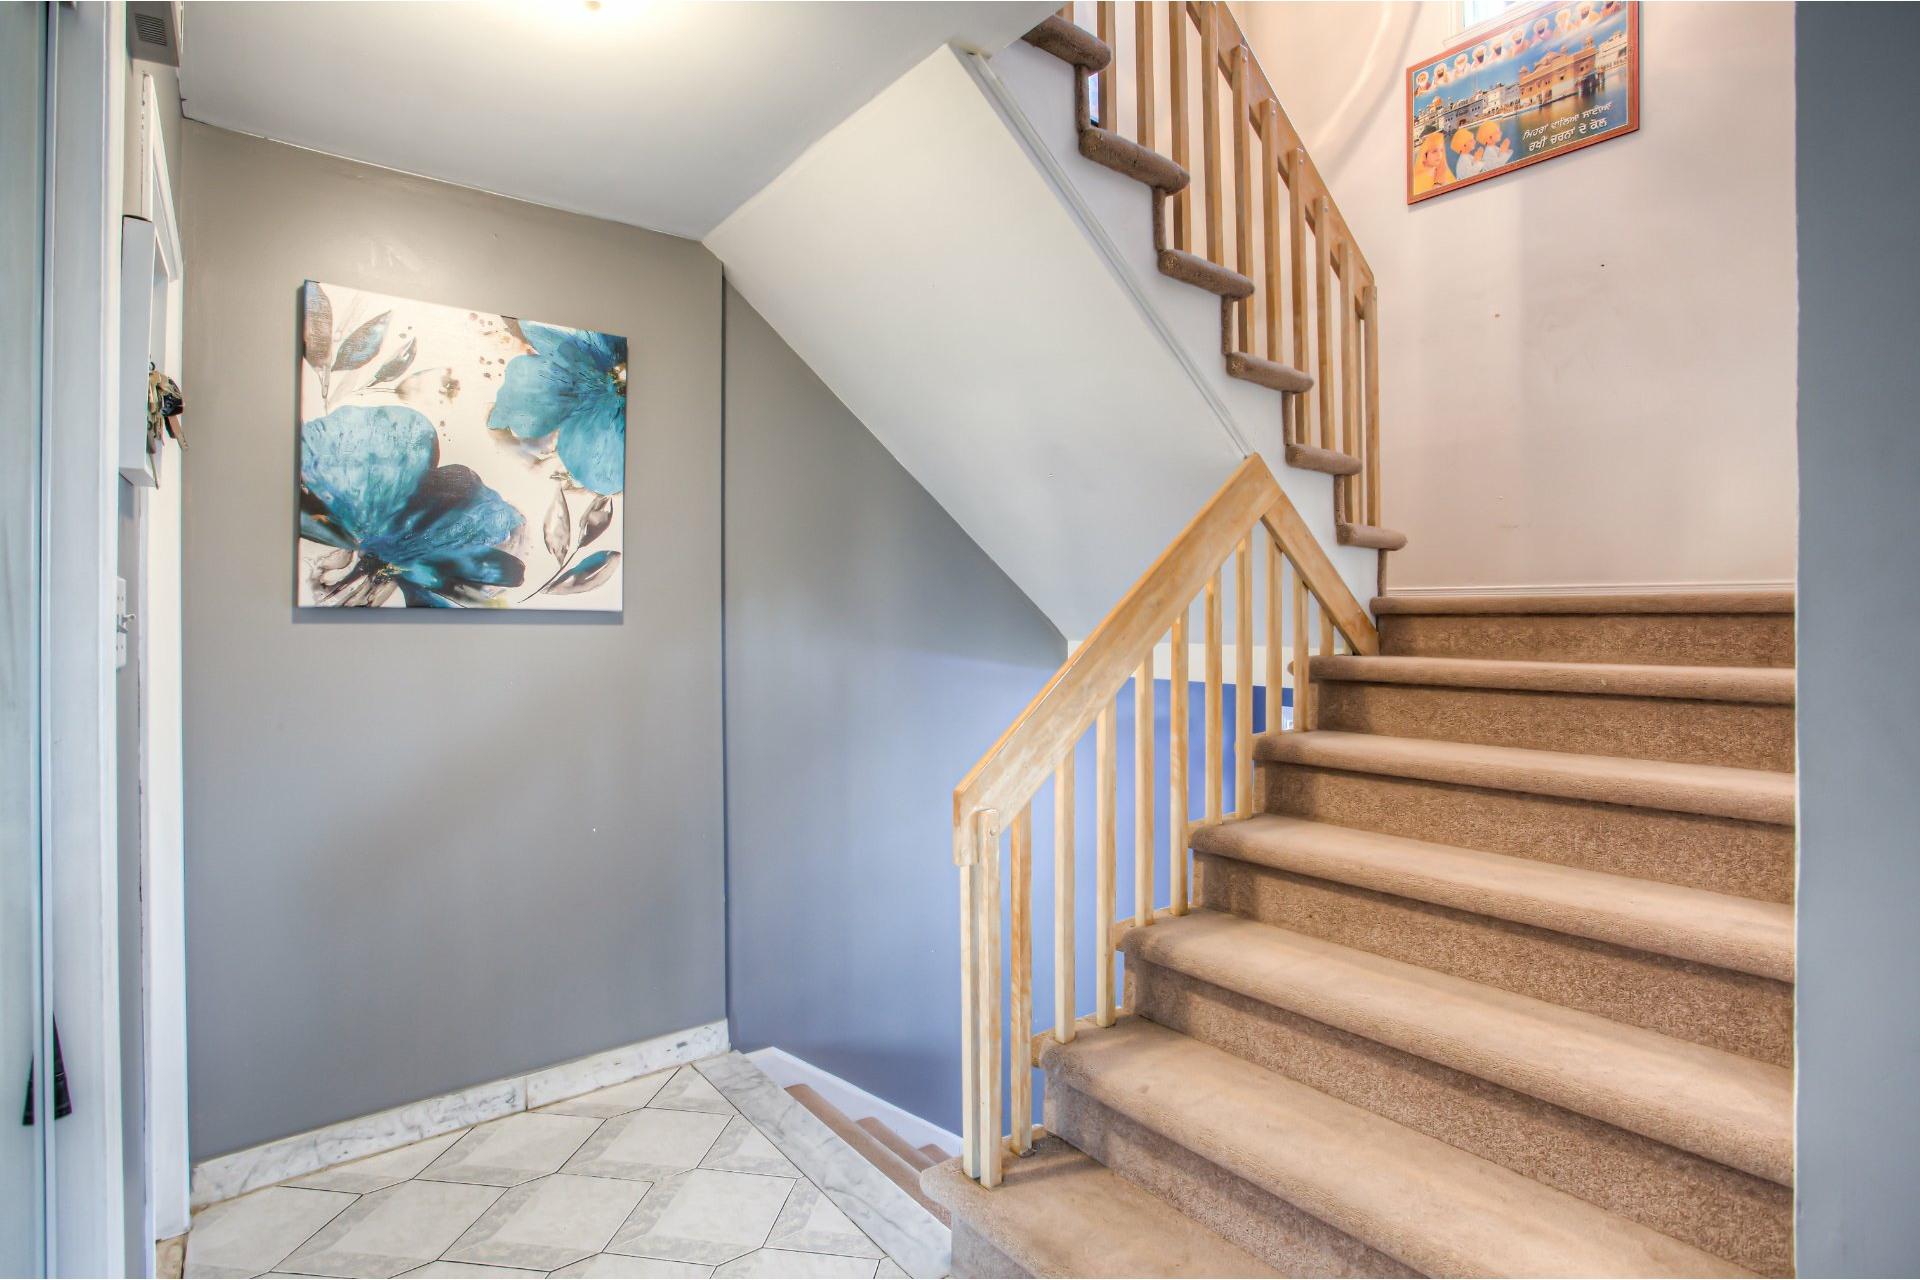 image 4 - Maison À vendre Pierrefonds-Roxboro Montréal  - 8 pièces